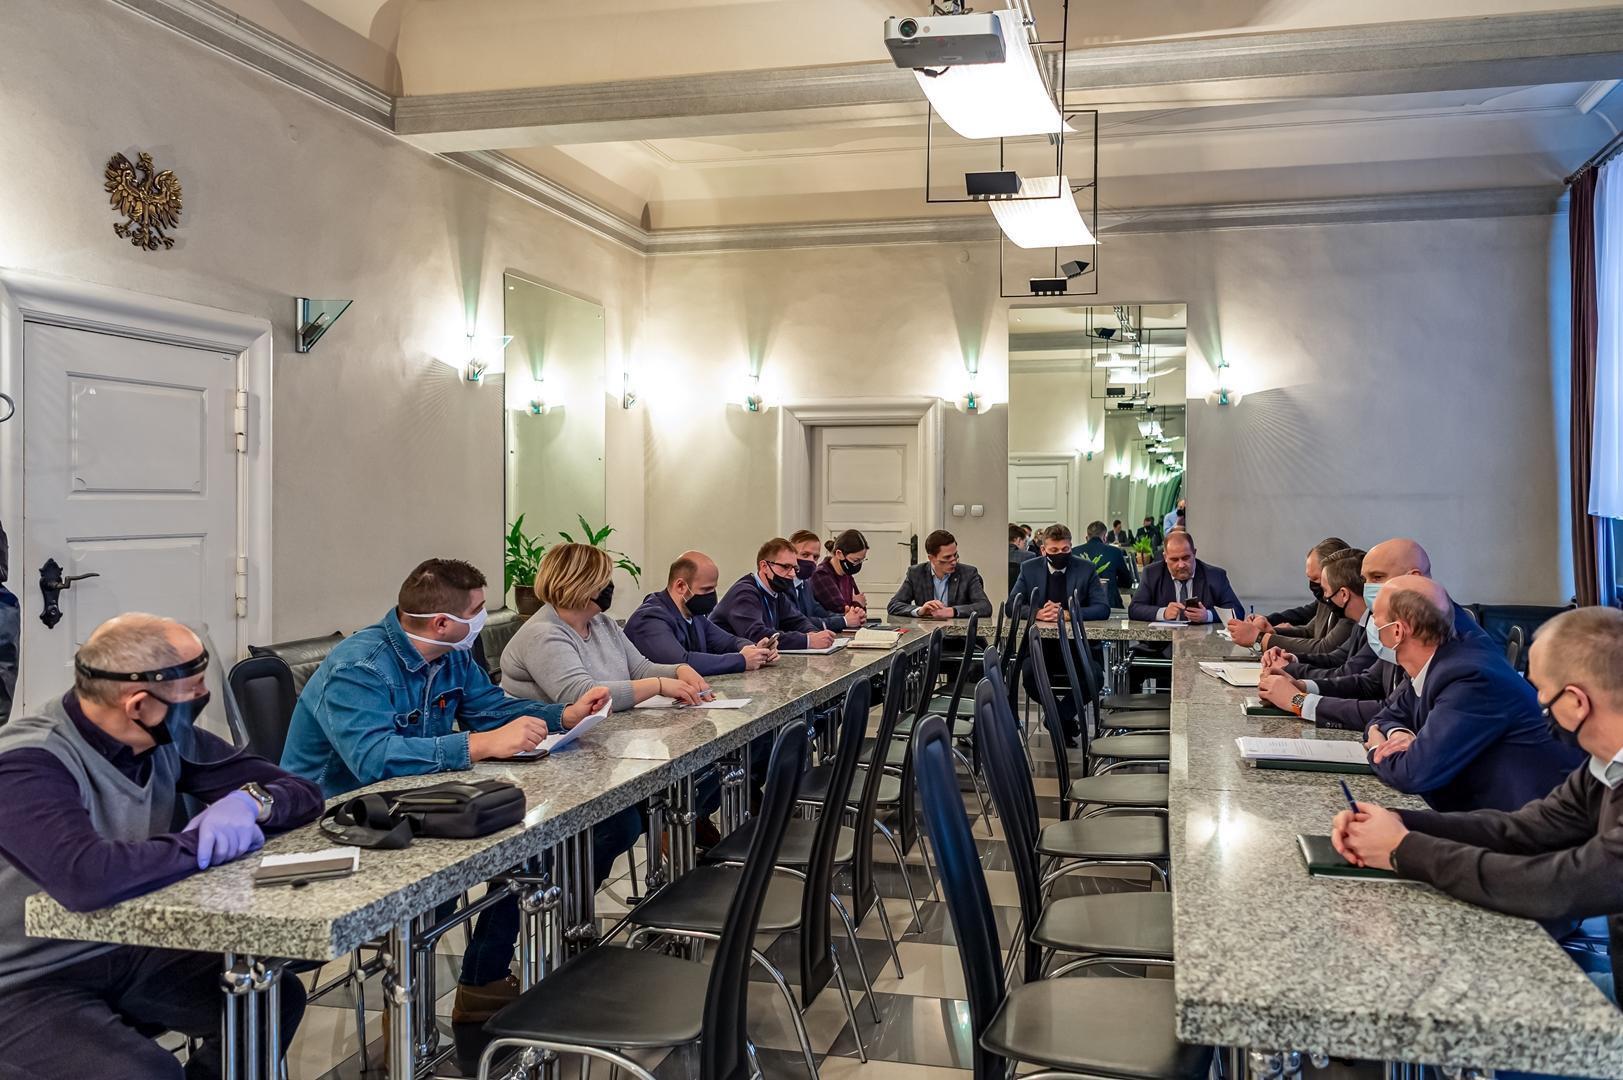 Prezydent spotkał się z mieszkańcami Miechowic w sprawie szkód górniczych